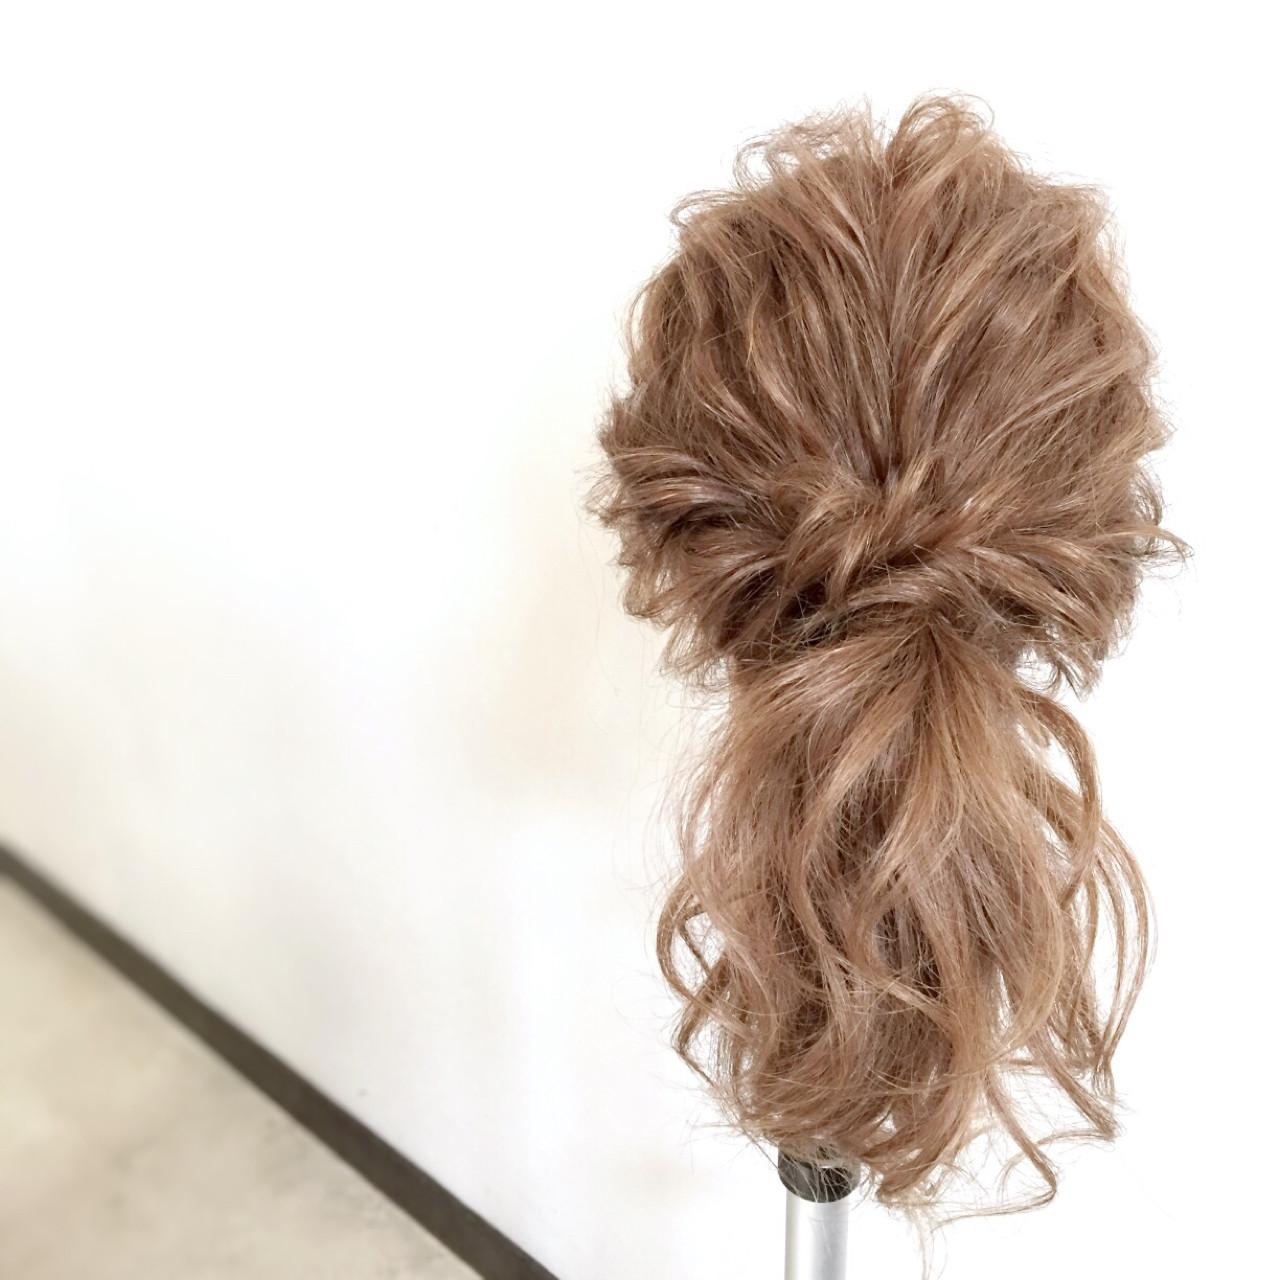 ポニーテール 簡単ヘアアレンジ ショート ゆるふわ ヘアスタイルや髪型の写真・画像